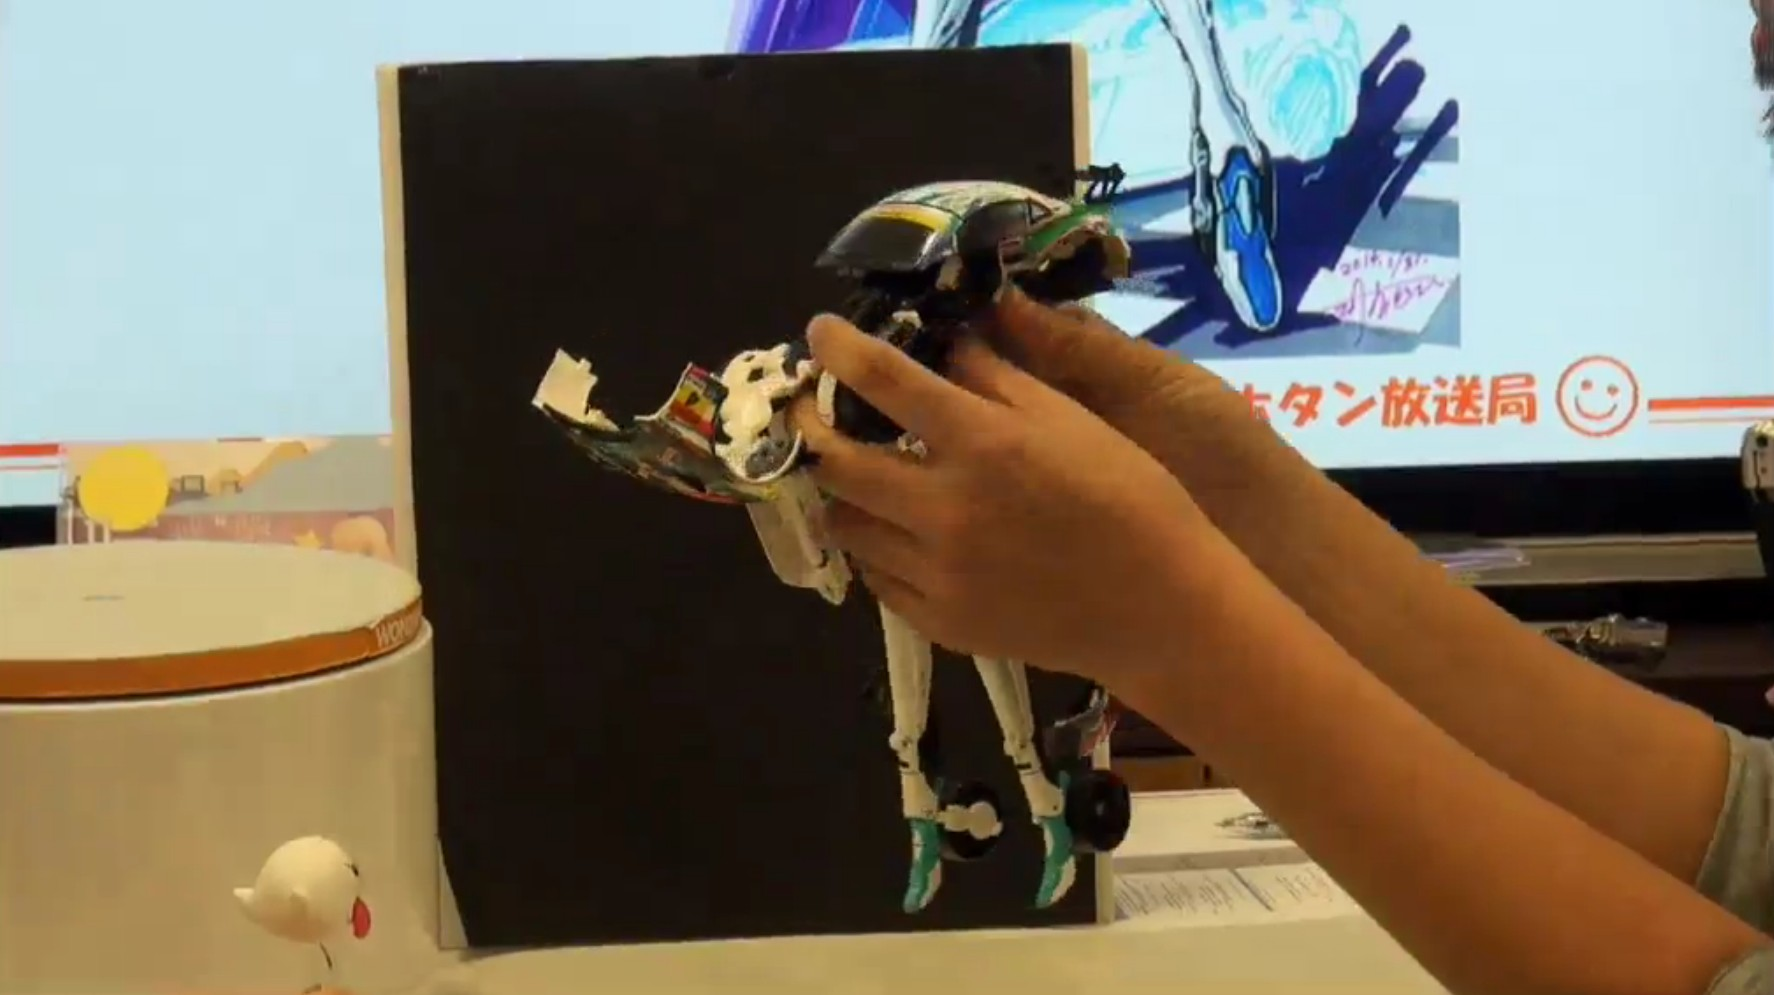 Gear Tribe 初音ミクGTプロジェクト2014Ver (13)